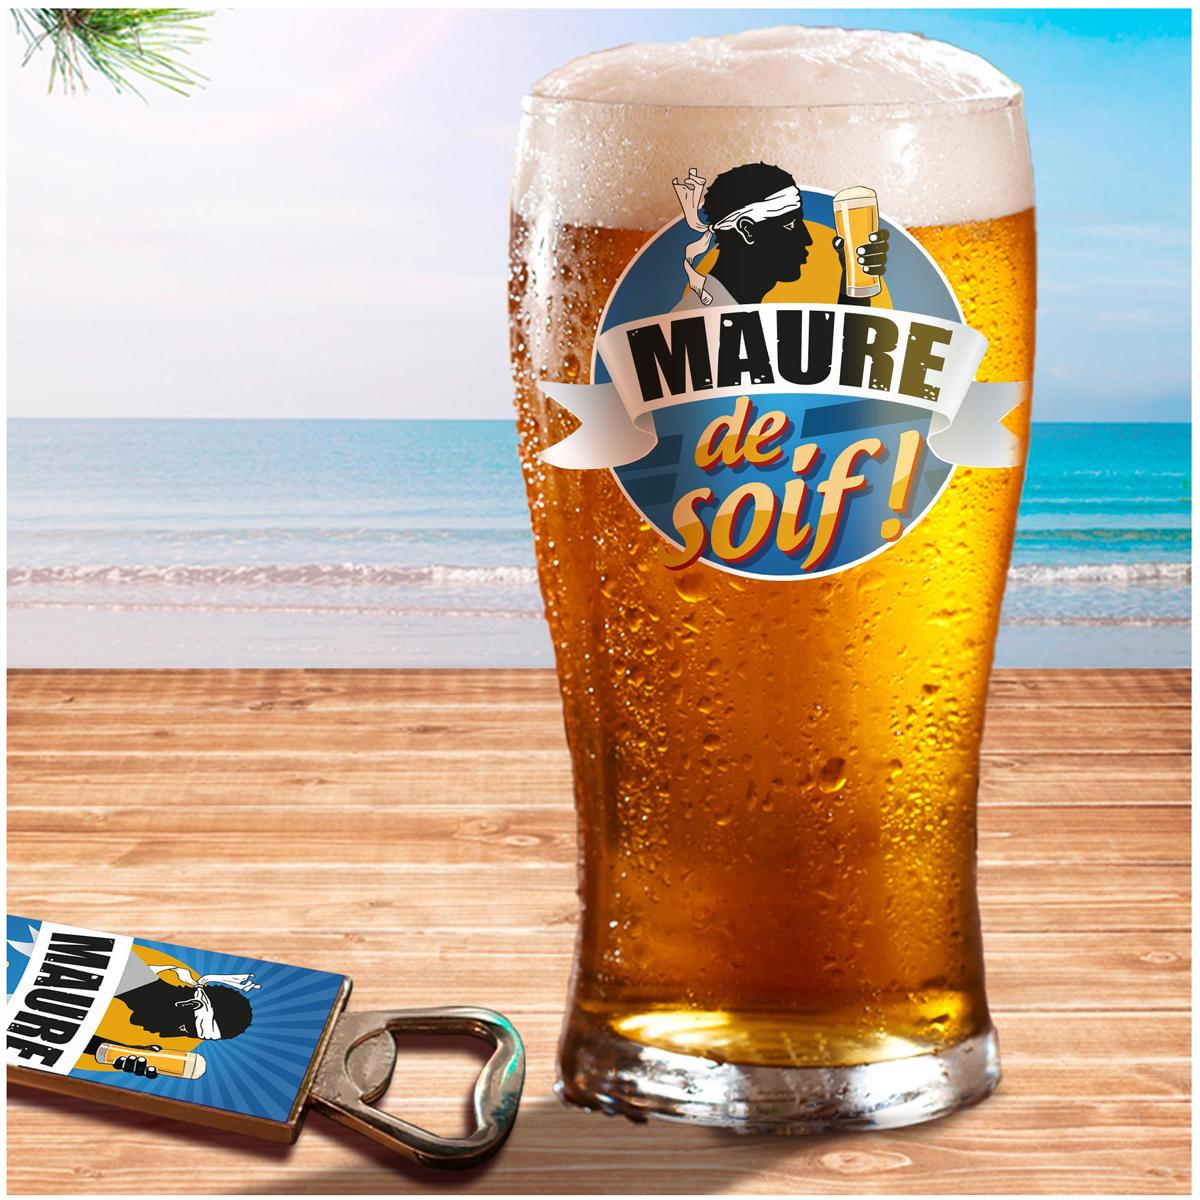 Coffret verre à bière et décapsuleur \'Corsica\' - 19x15x9 cm (Maure de Soif !) - [A1262]